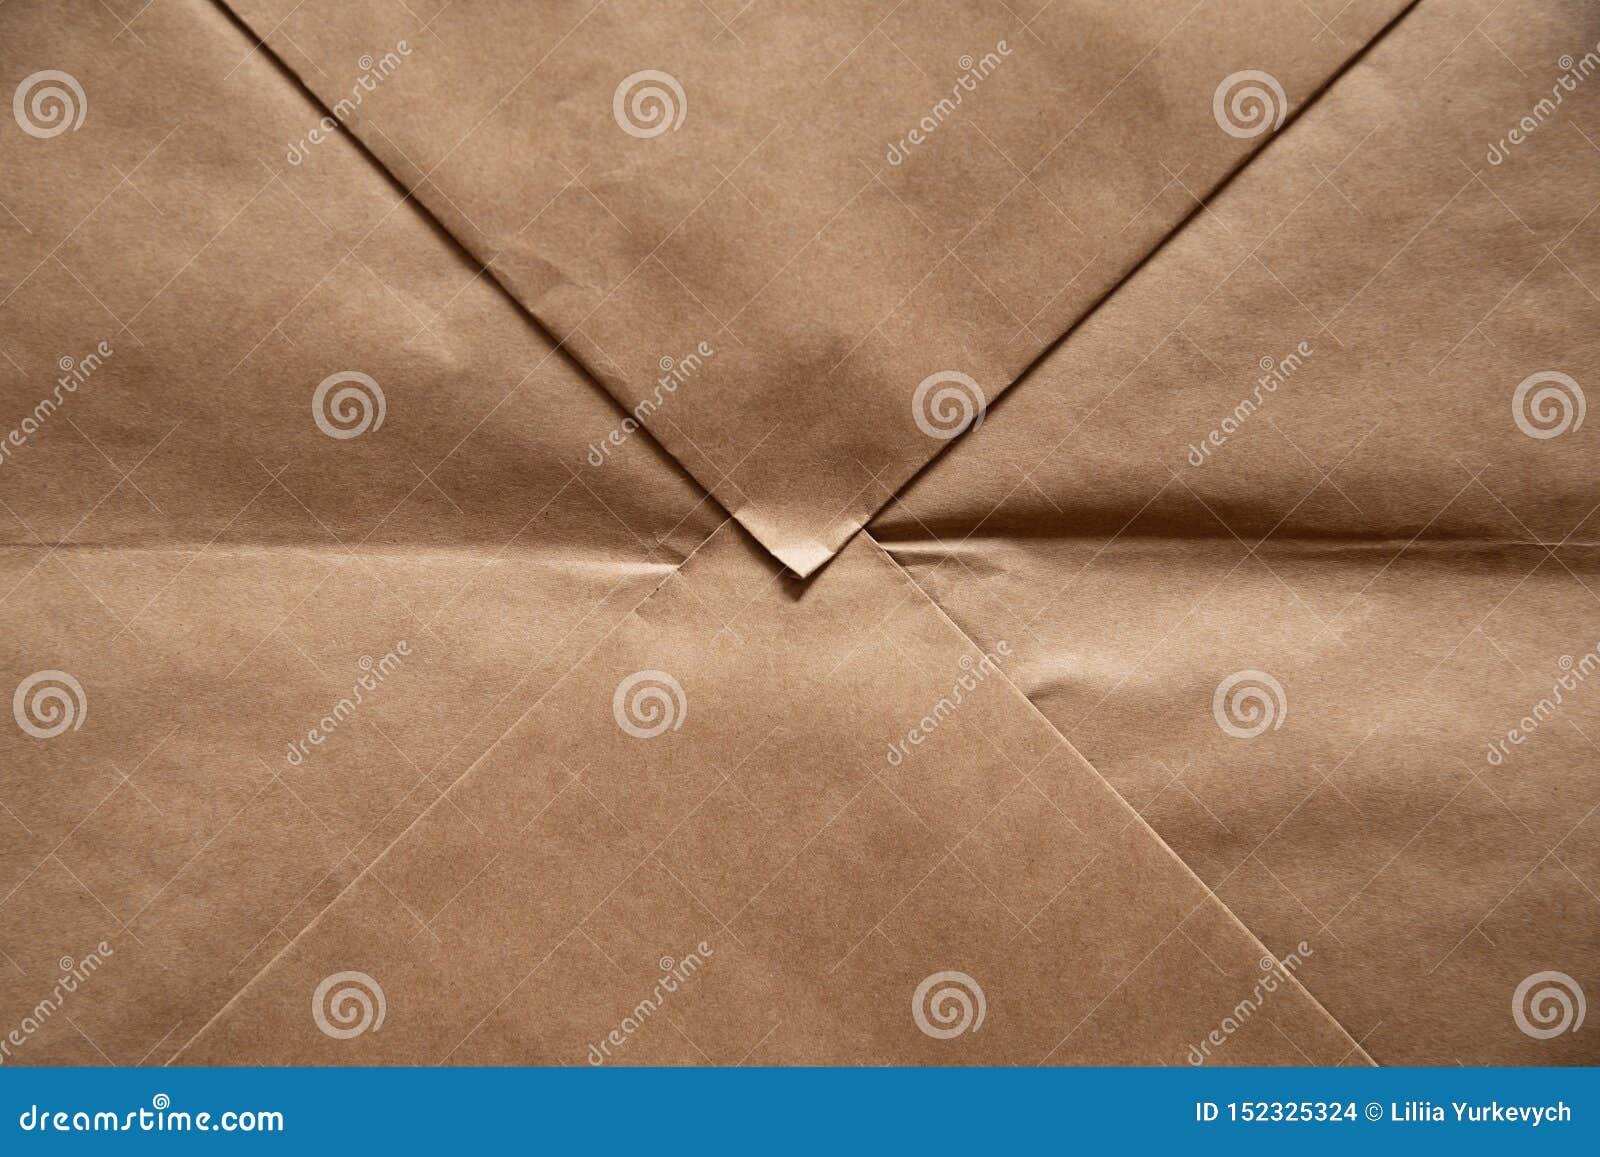 Fondo de papel marr?n claro